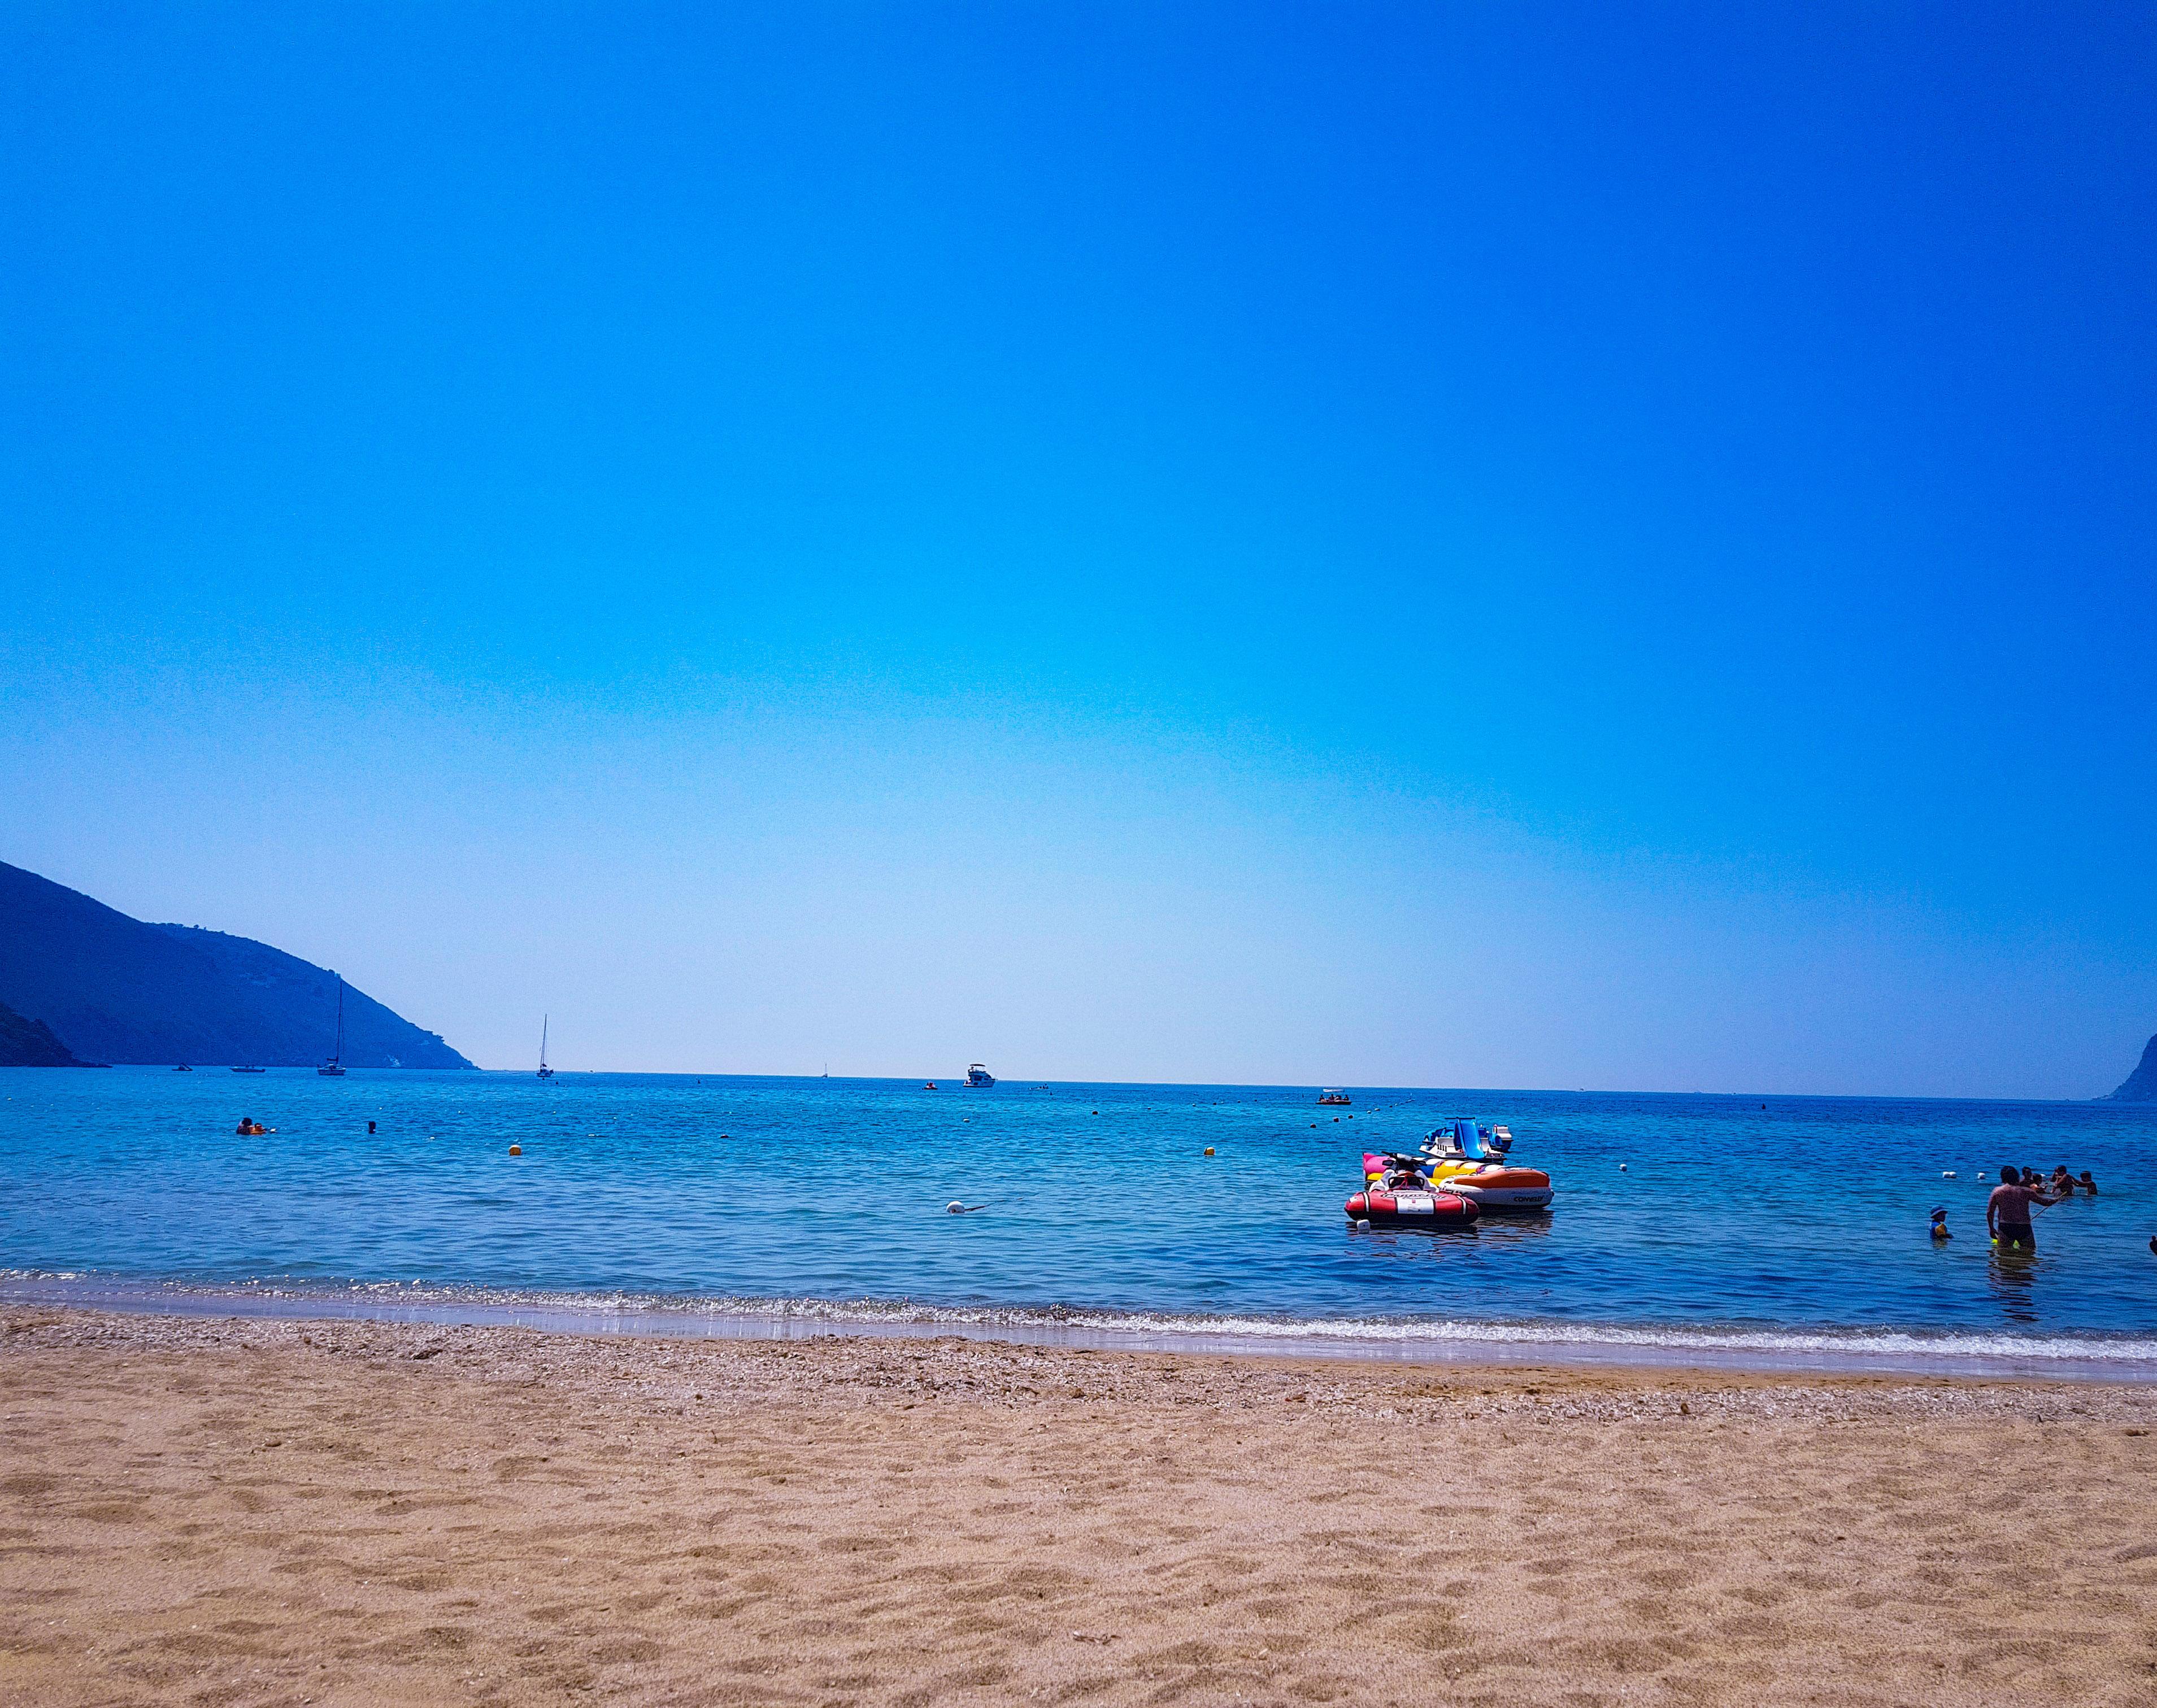 ITALY | BEACH HOPPING ON ELBA ISLAND. SEVEN DAYS, SEVEN BEACHES.